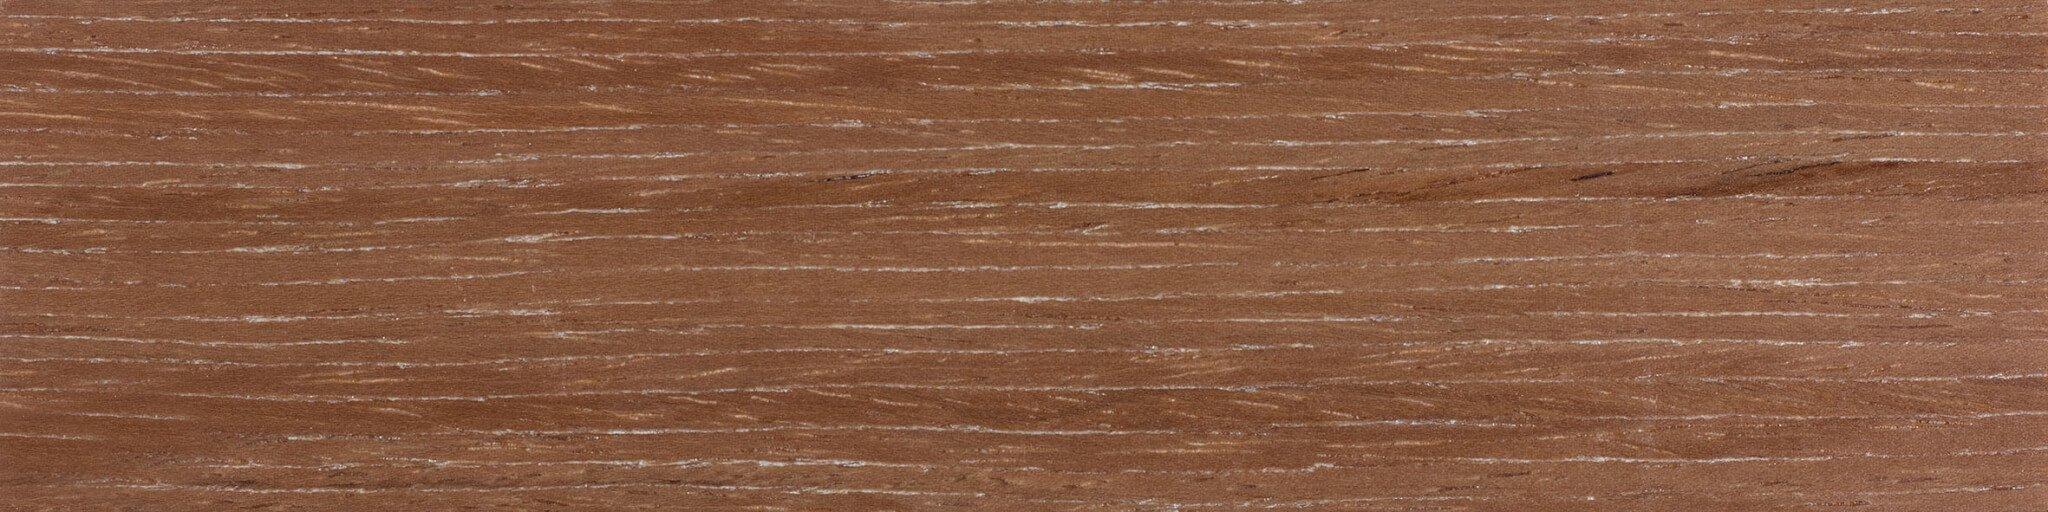 Houten jaloezie 'Plus' 301622 – Rustiek hout – Fossiel – Max 2400 mm breed